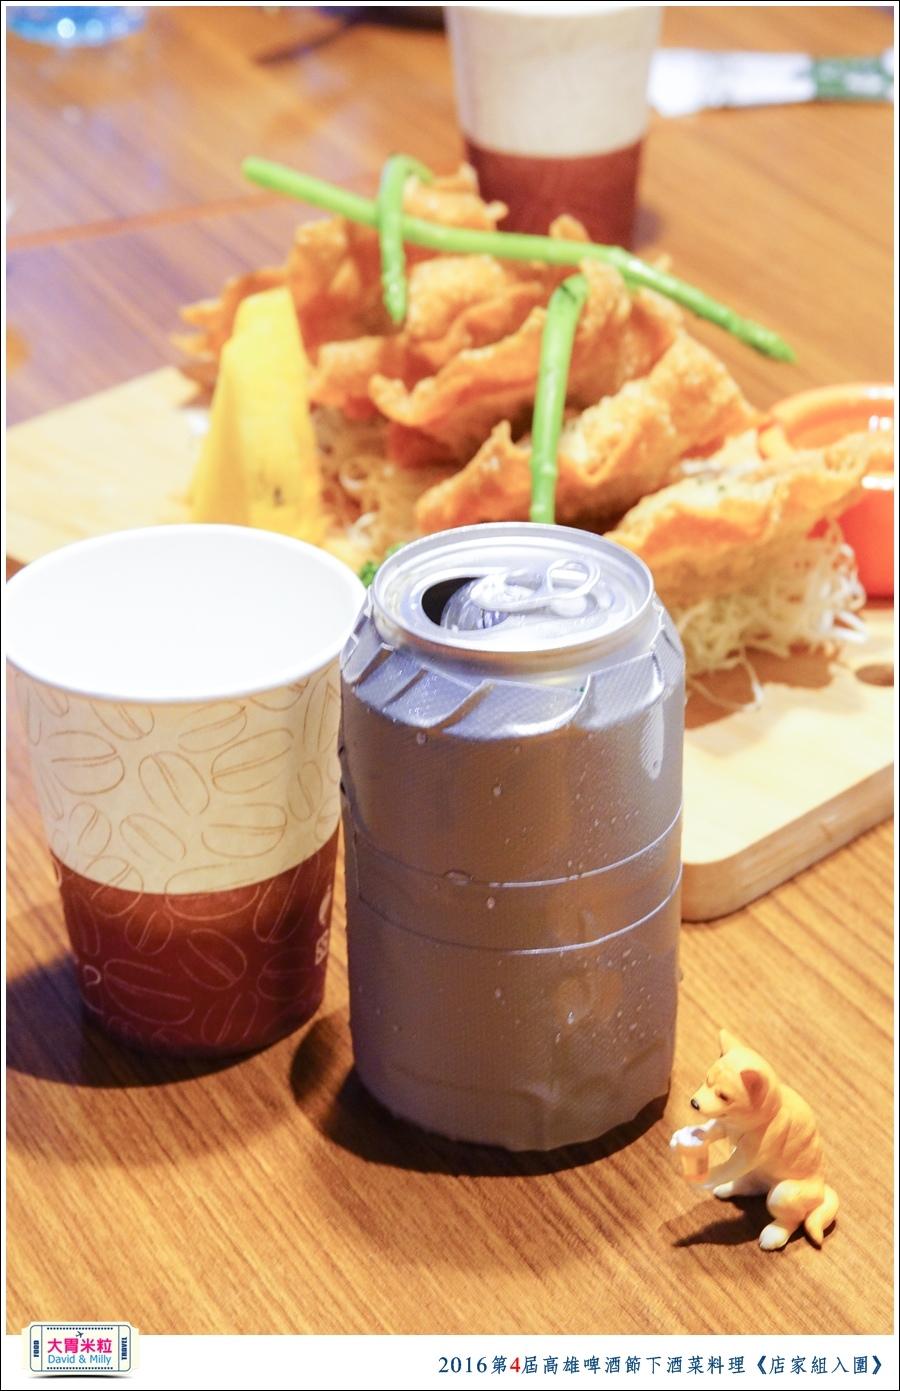 2016第4屆高雄啤酒節下酒菜料理競賽1@大胃米粒0028.jpg